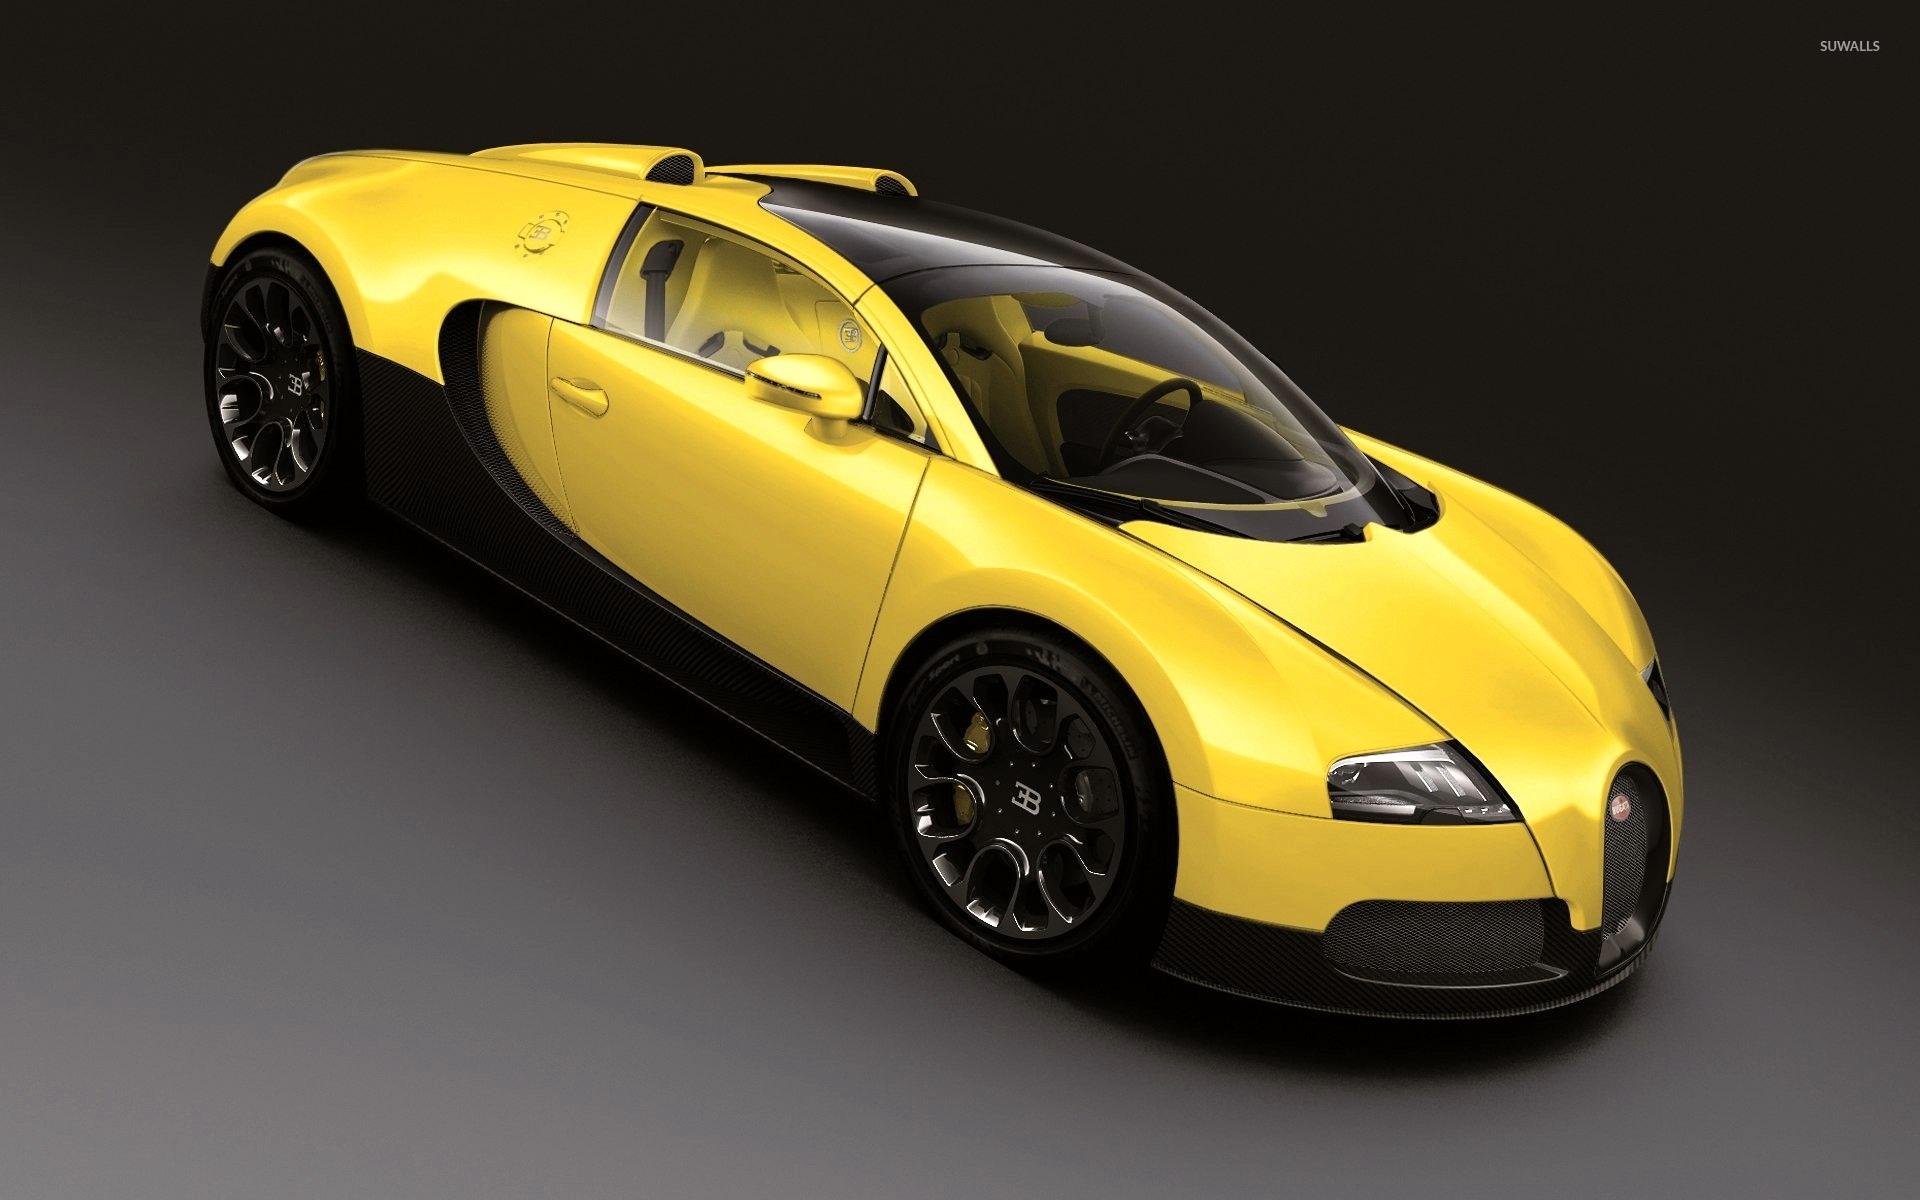 Yellow Bugatti Veyron Top View Wallpaper 1920x1200 Jpg